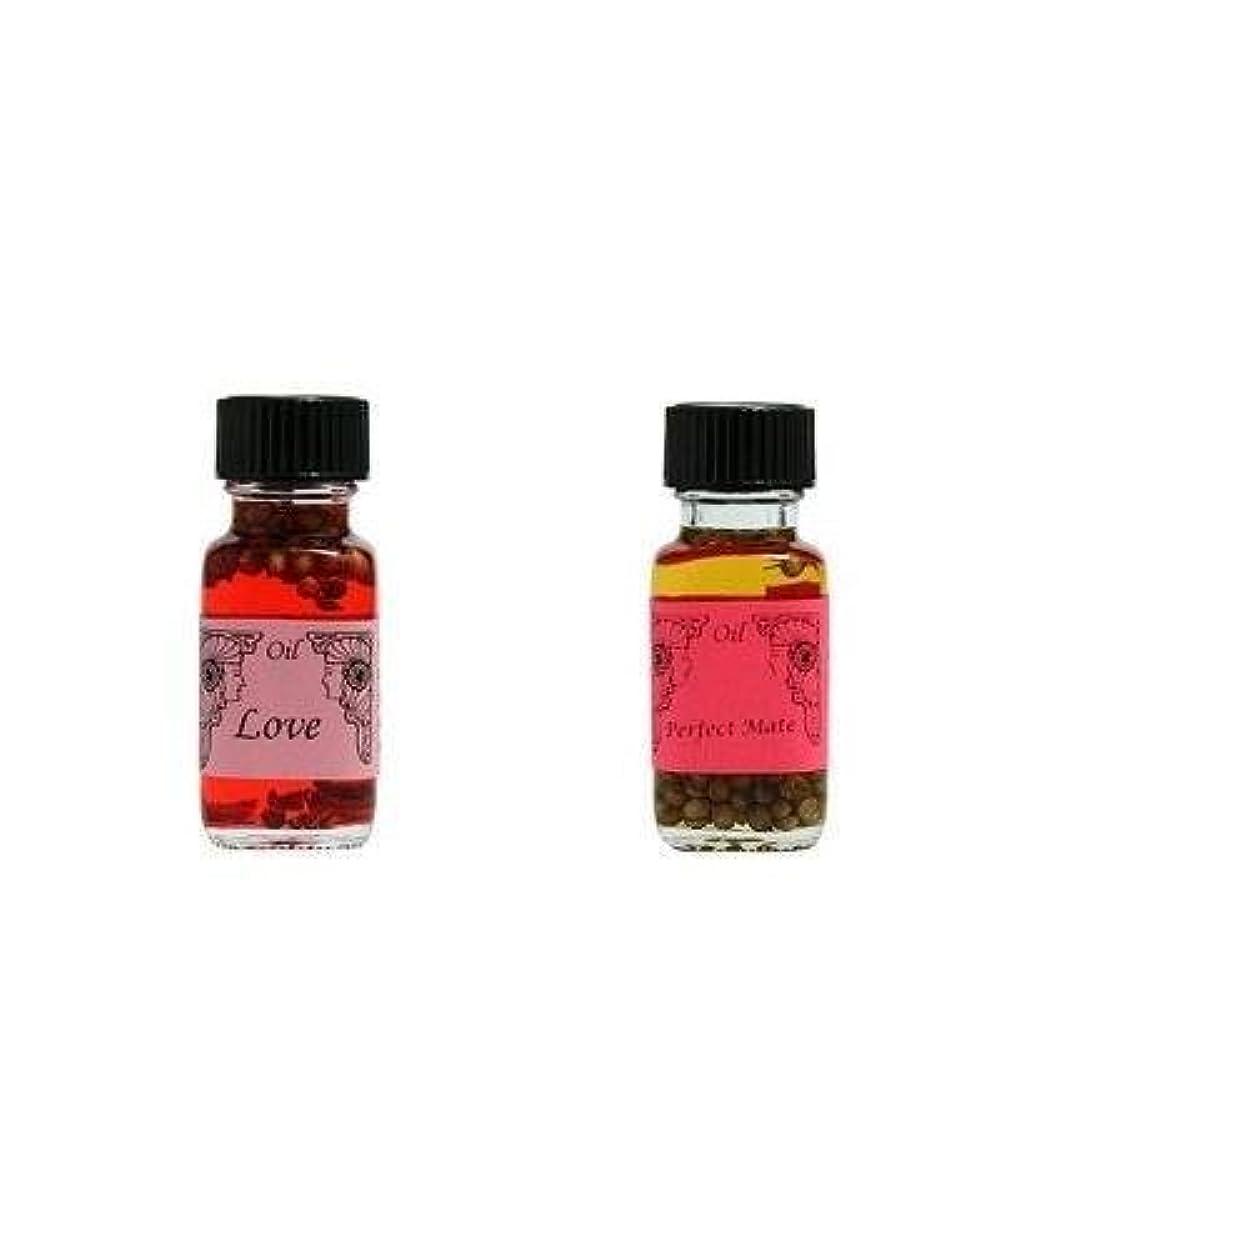 遺跡思いつくキノコ【愛】+【パートナー】Ancient Memory Oils 【人気の2点セット】アンシェントメモリーオイル【LOVE】 +【PERFECT MATE】 【海外直送品】